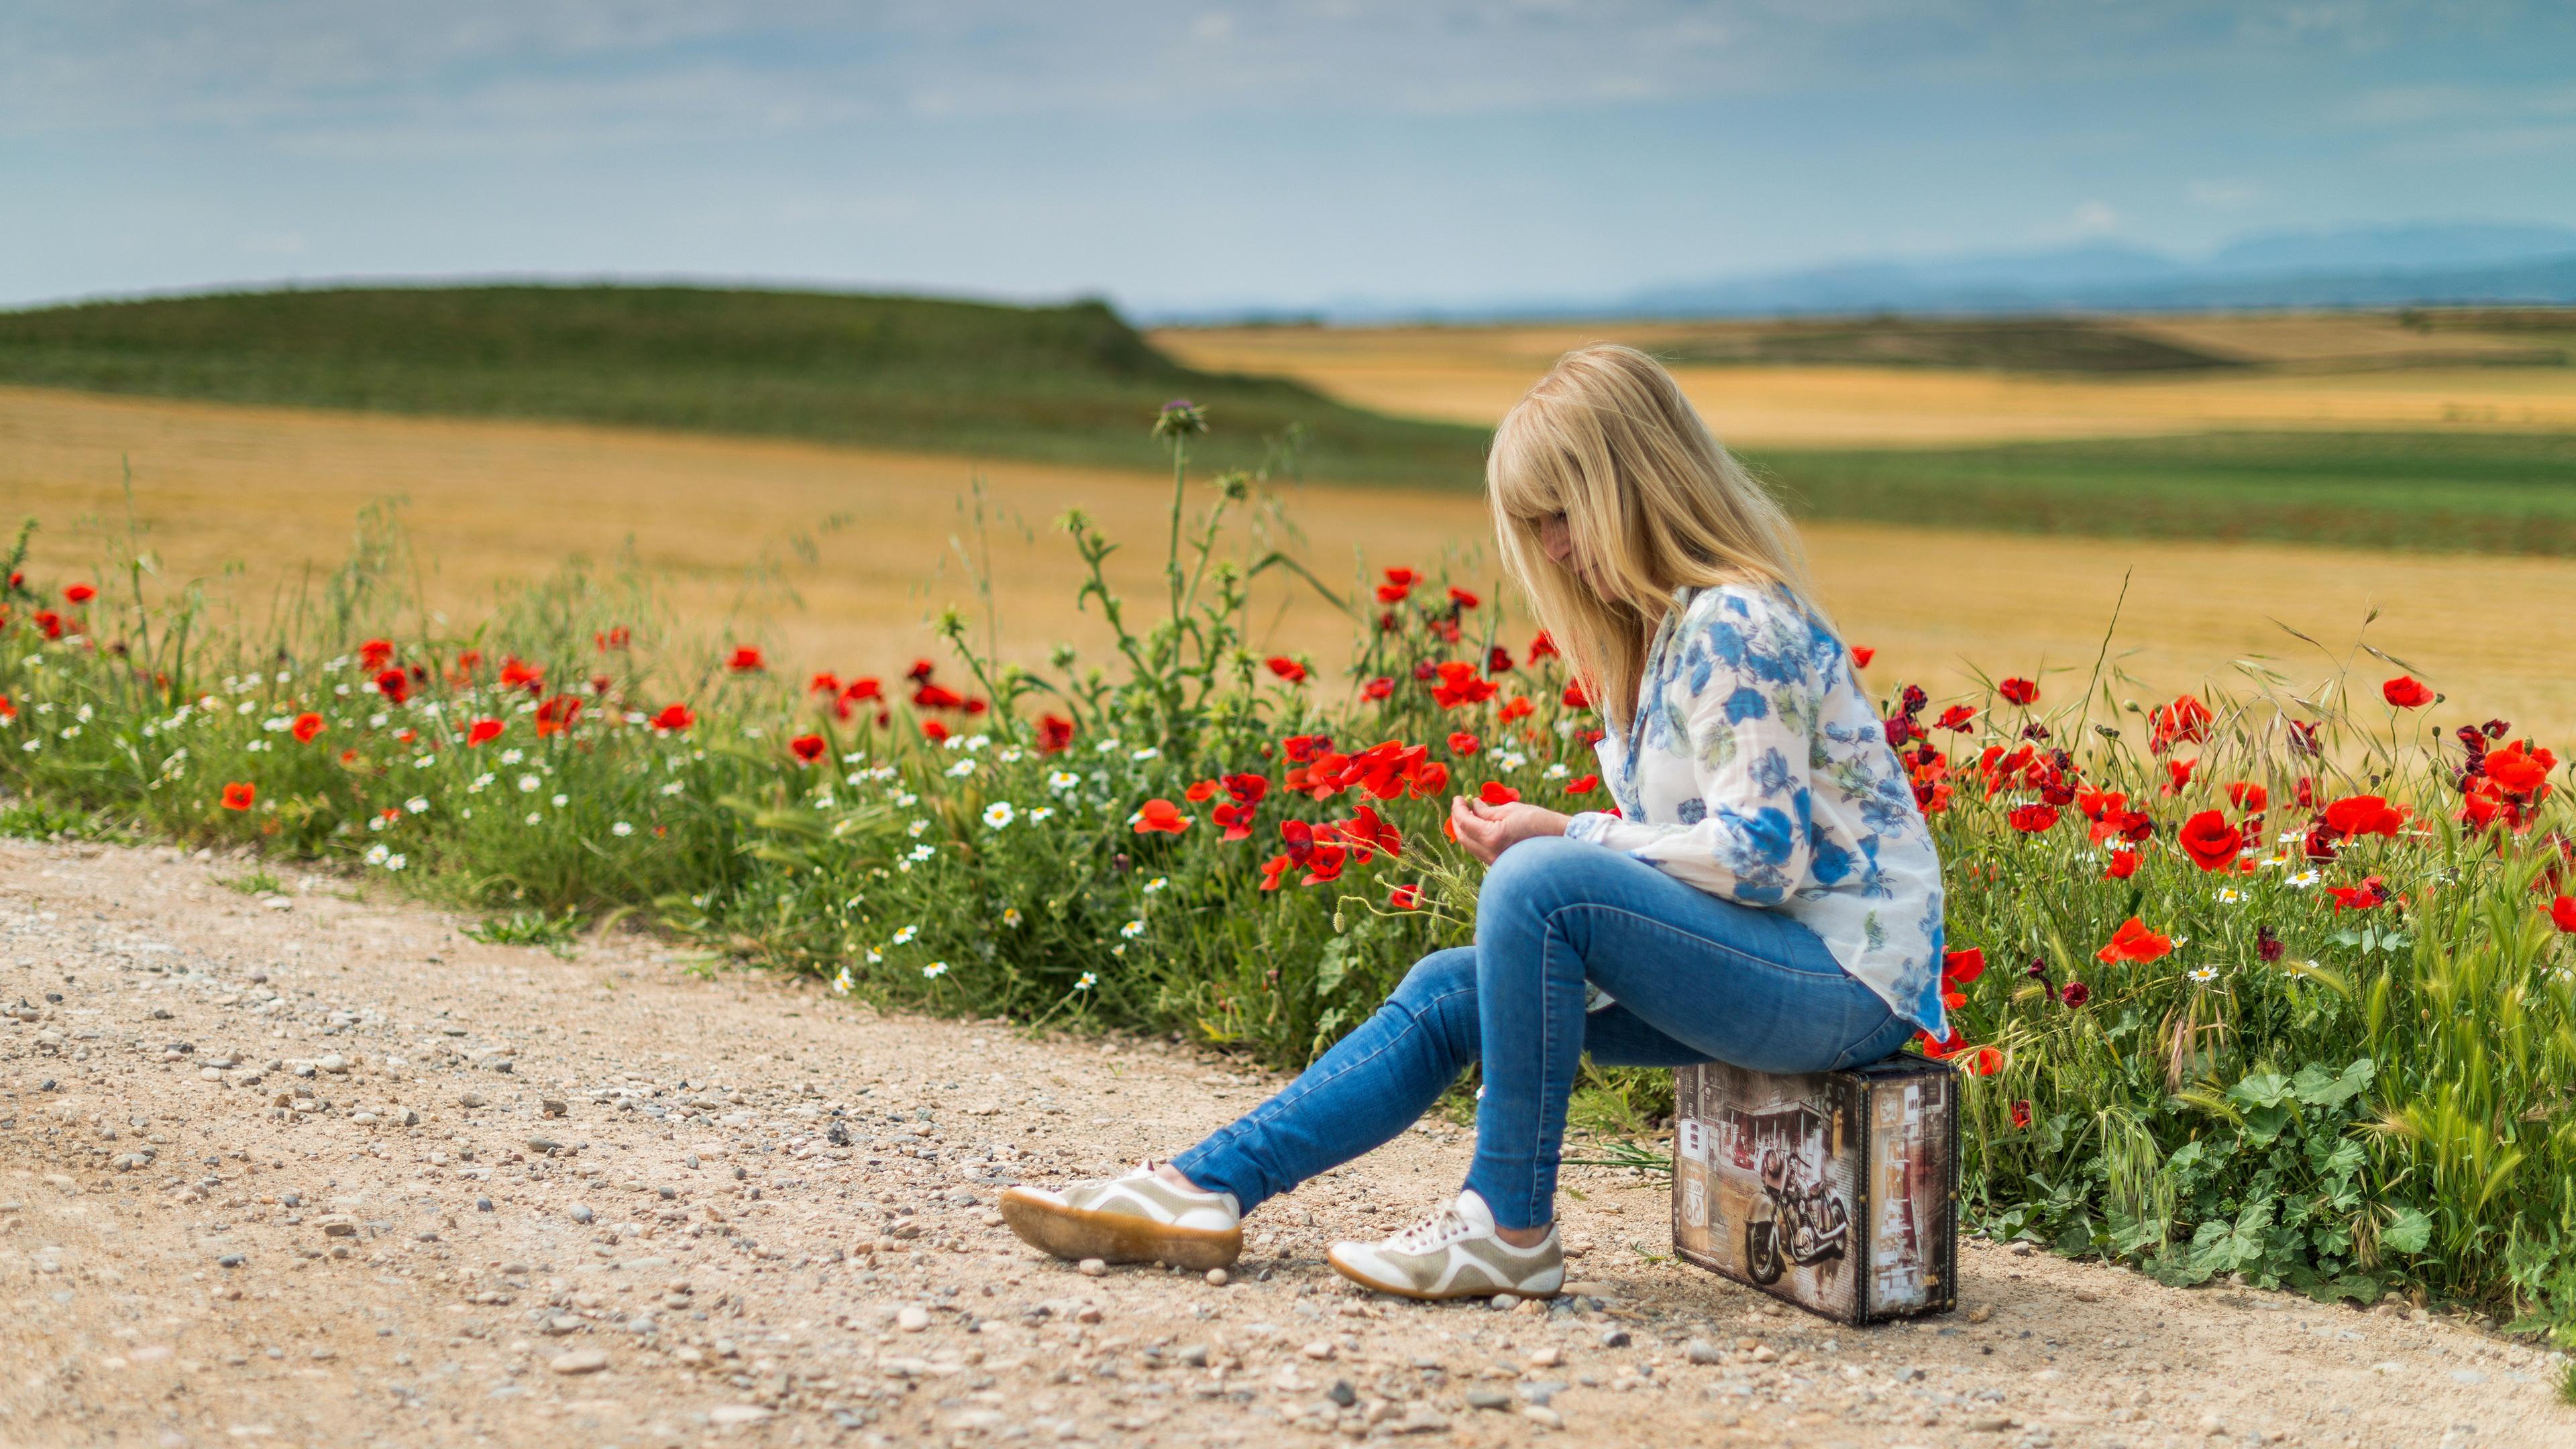 Field Flower Poppy Jeans Blonde Suitcase 3840x2160